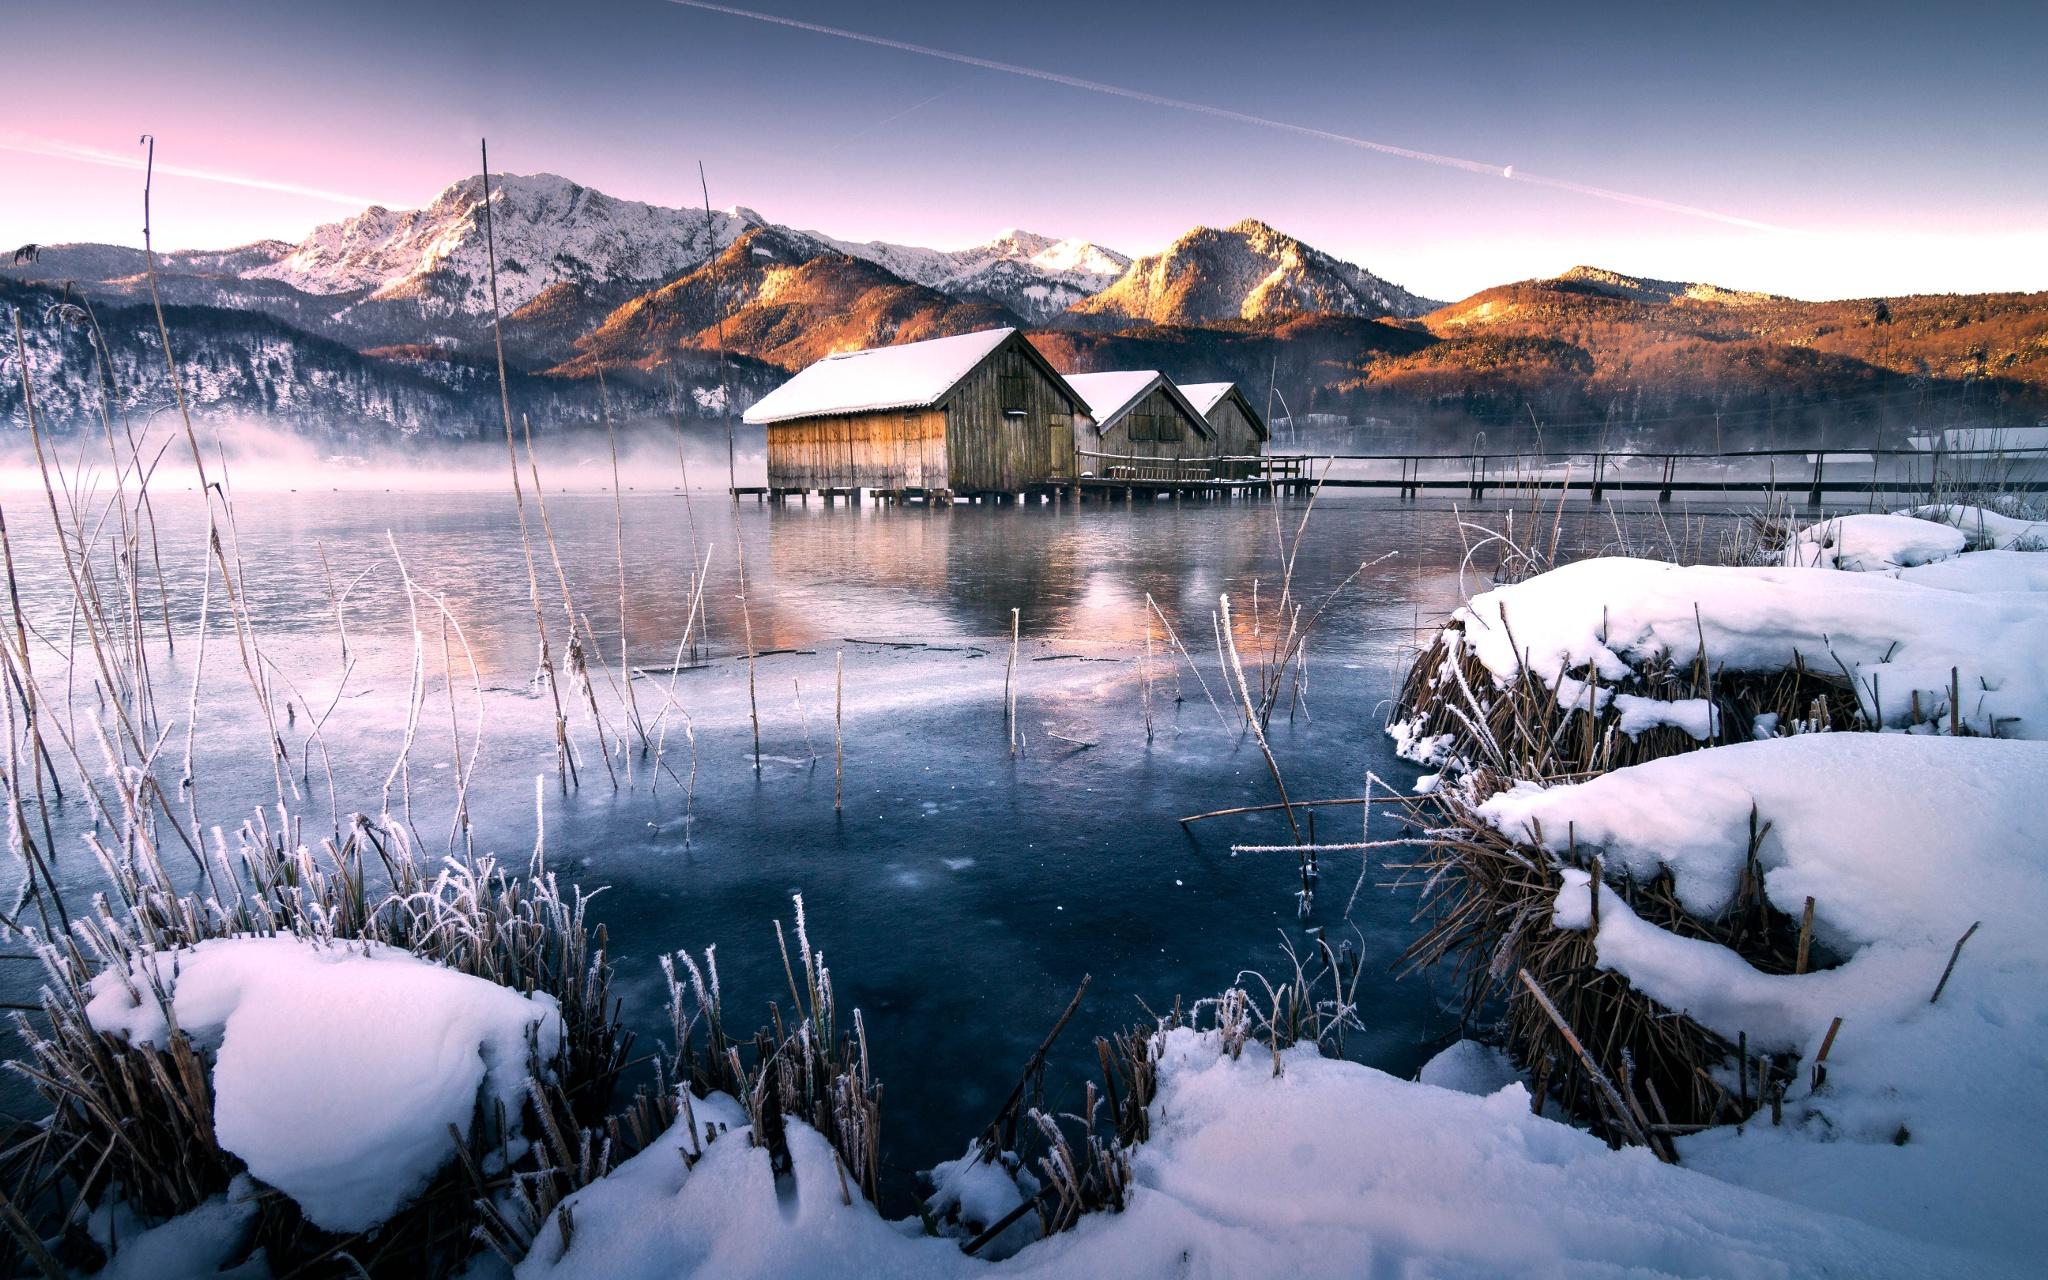 обои на рабочий стол зима в горах с озером № 201953 бесплатно